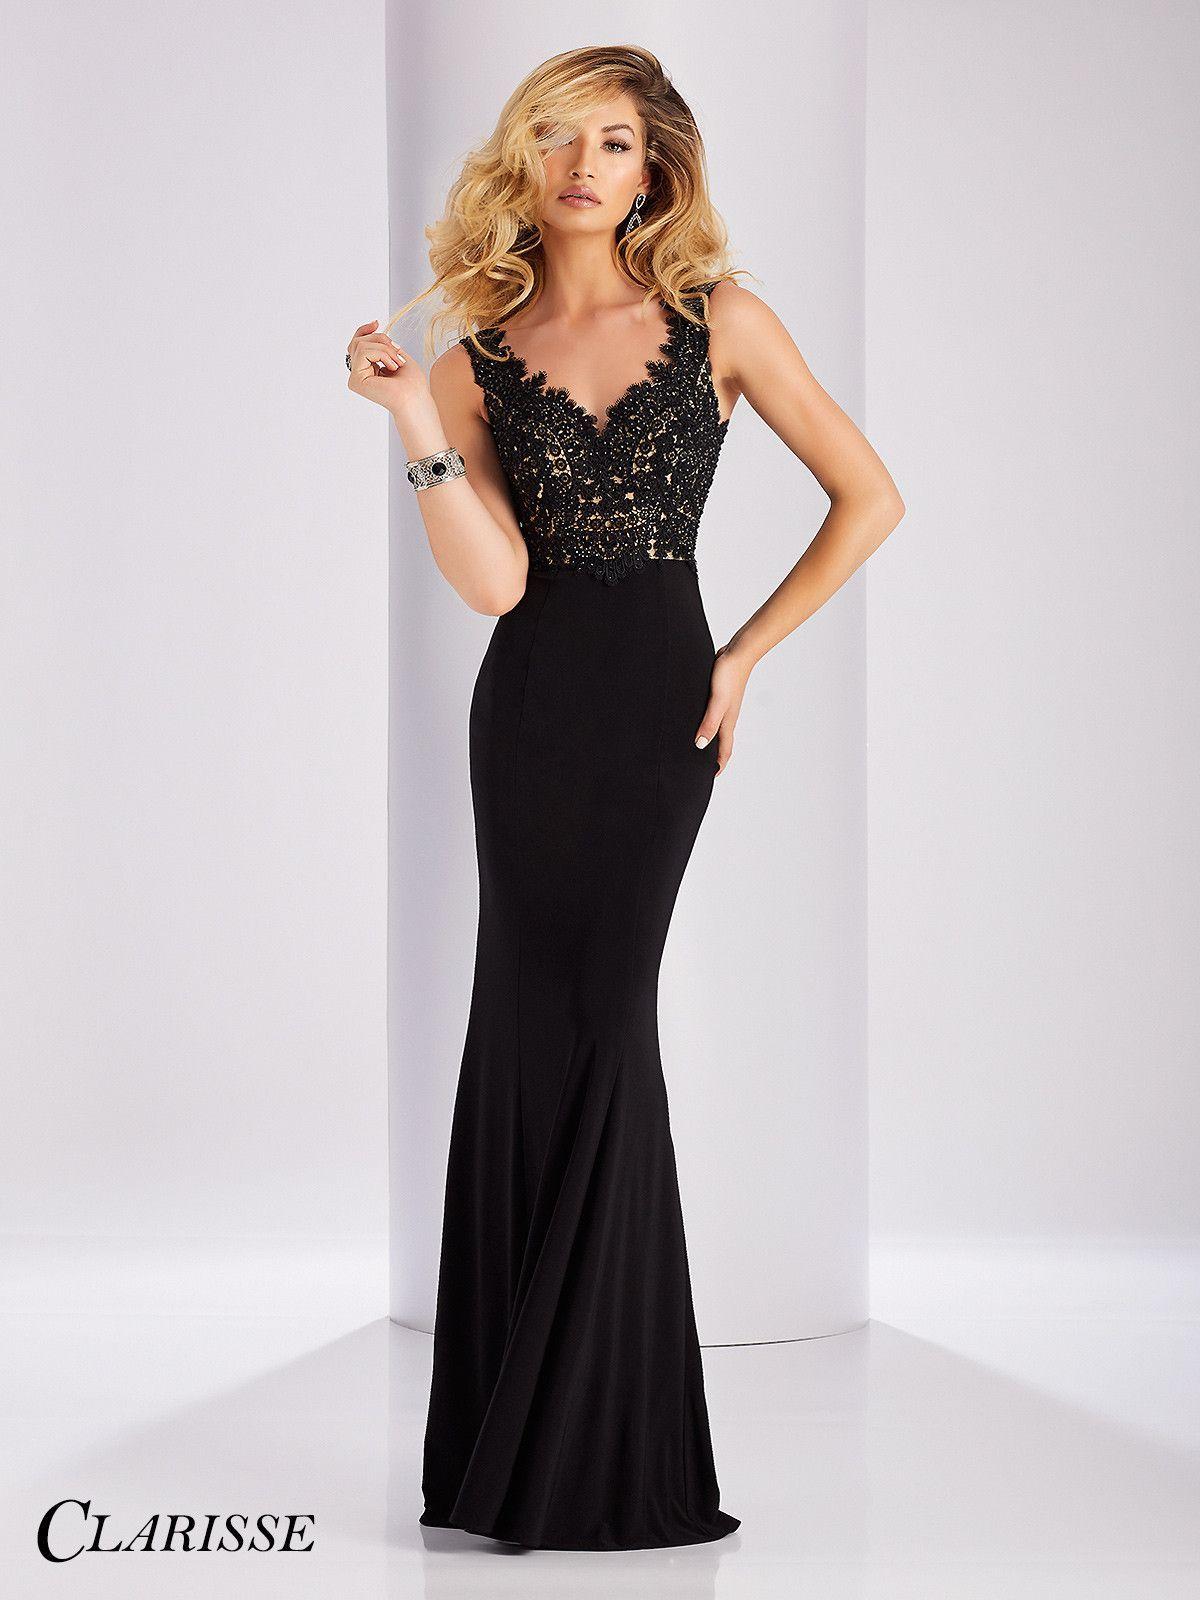 Clarisse prom black vneck prom dress formal dressesprom